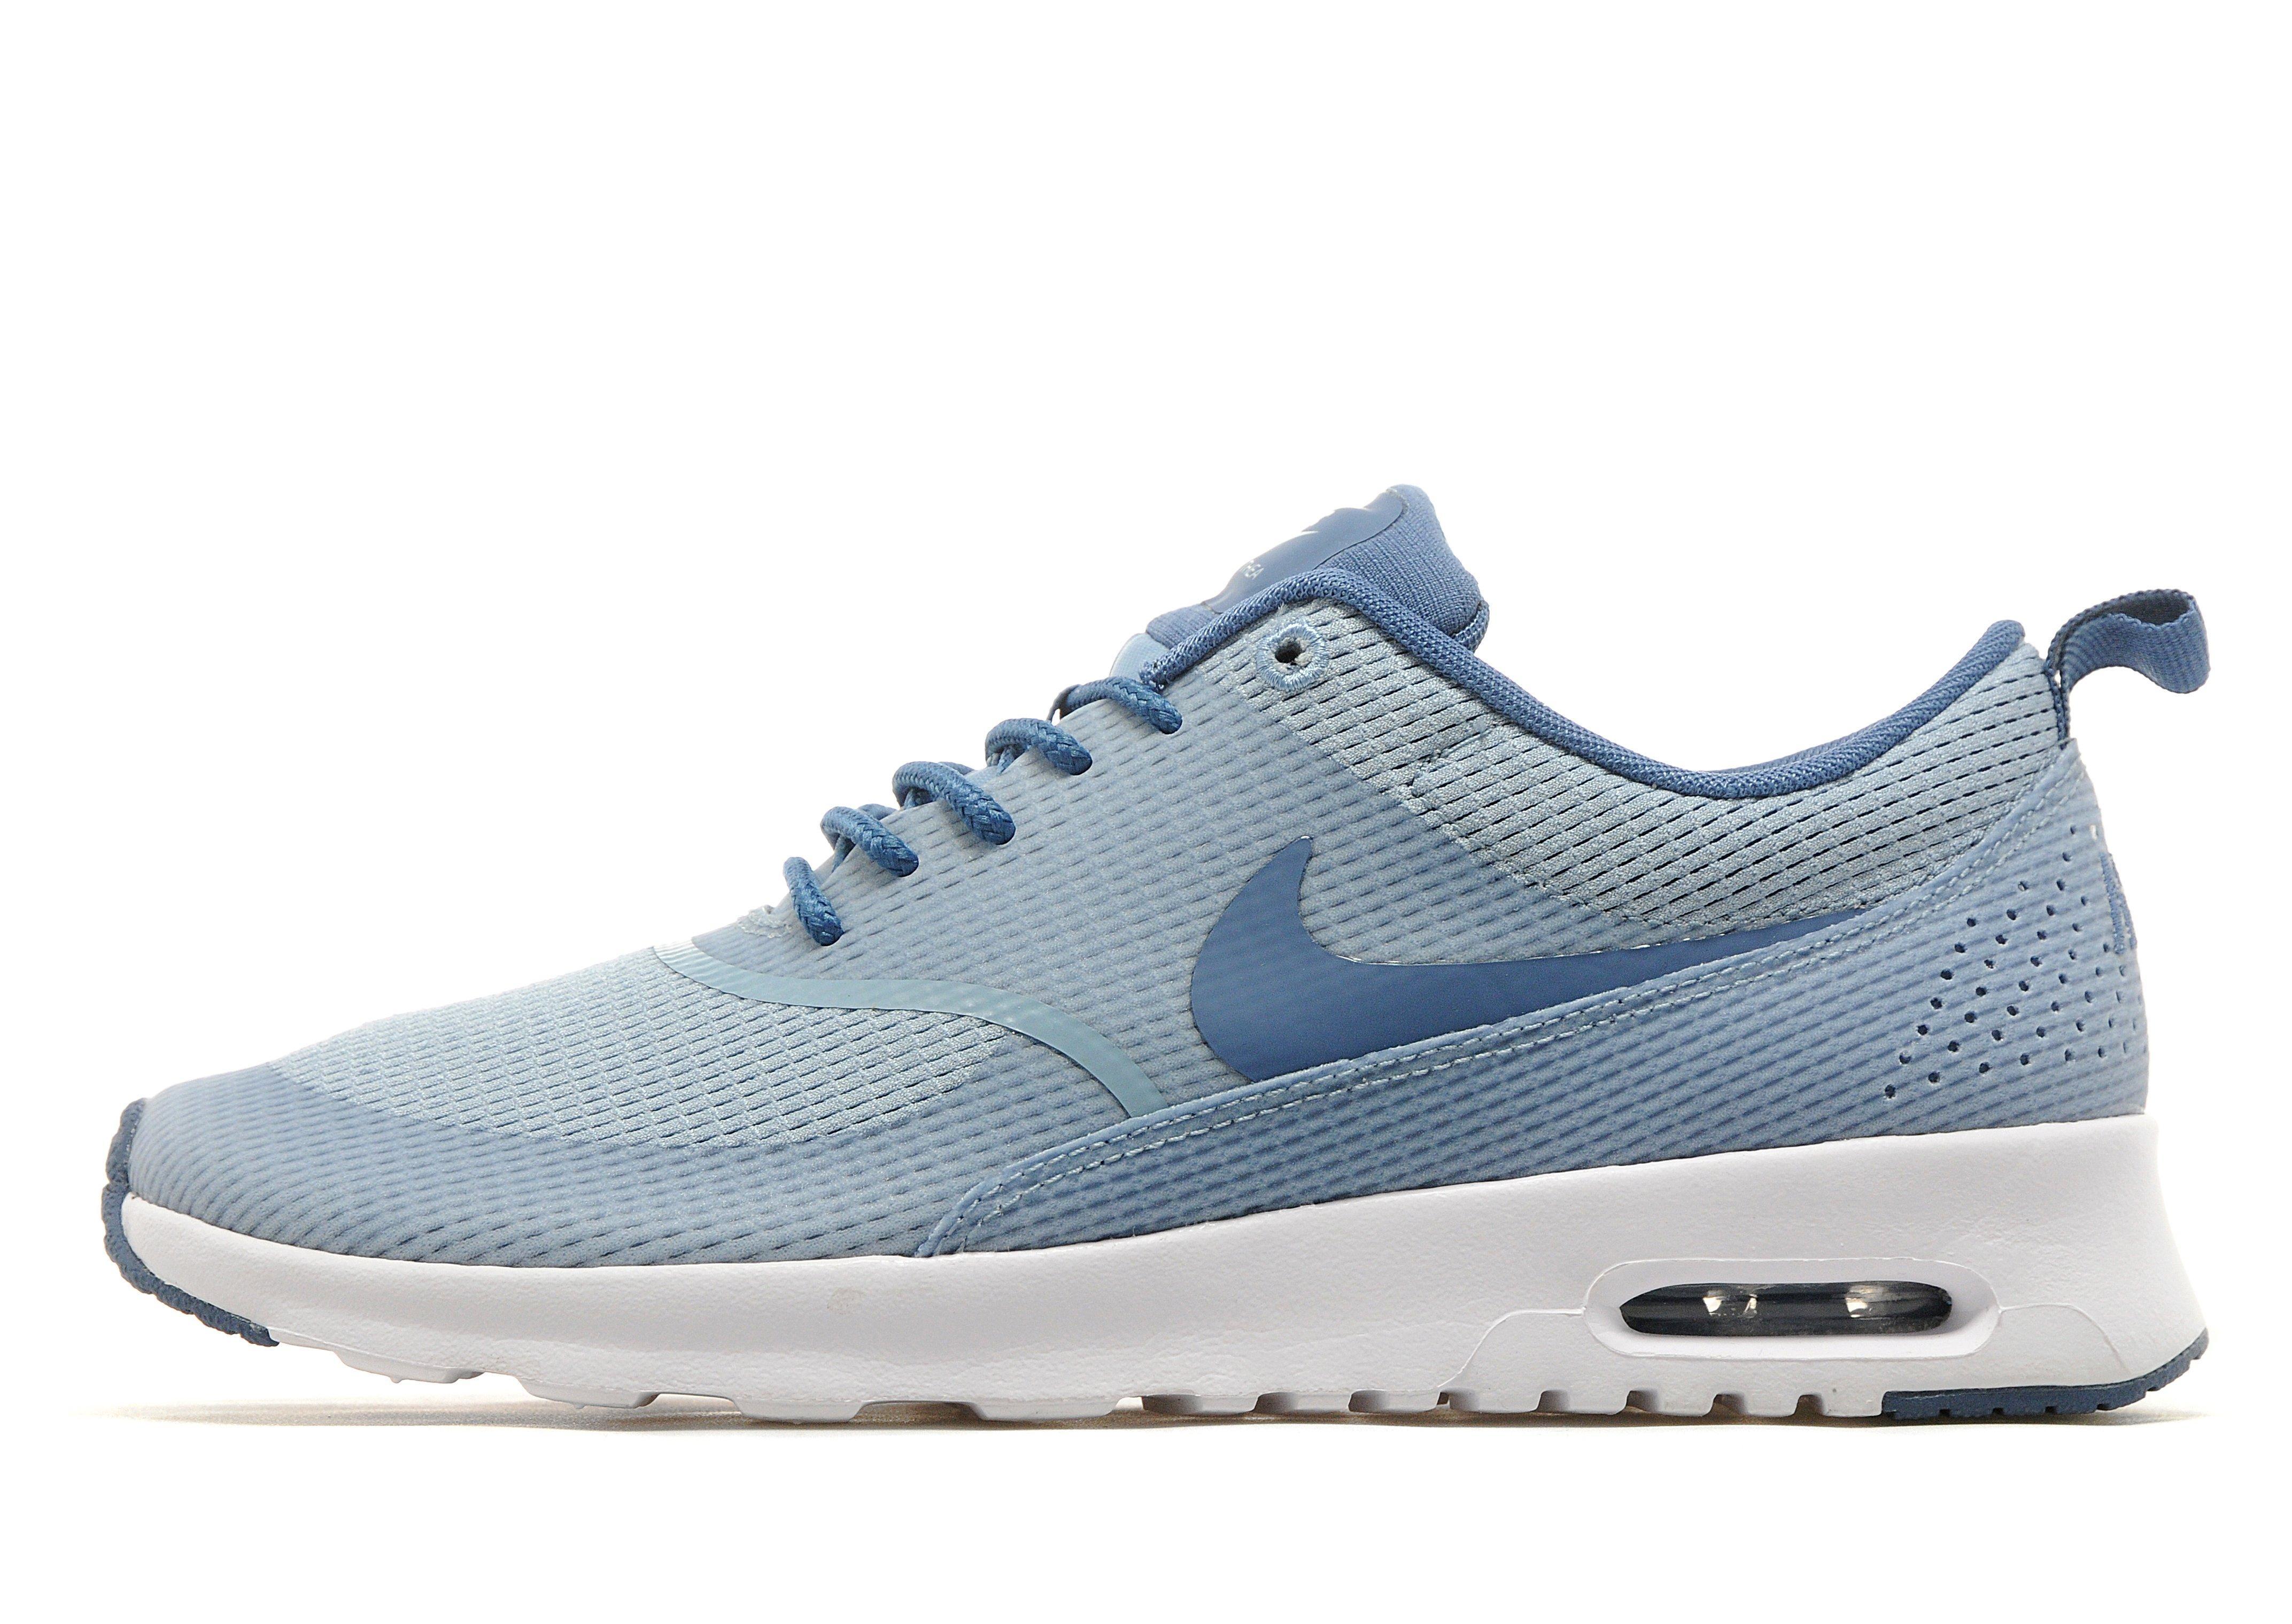 Nike Air Max Thea Groen Dames